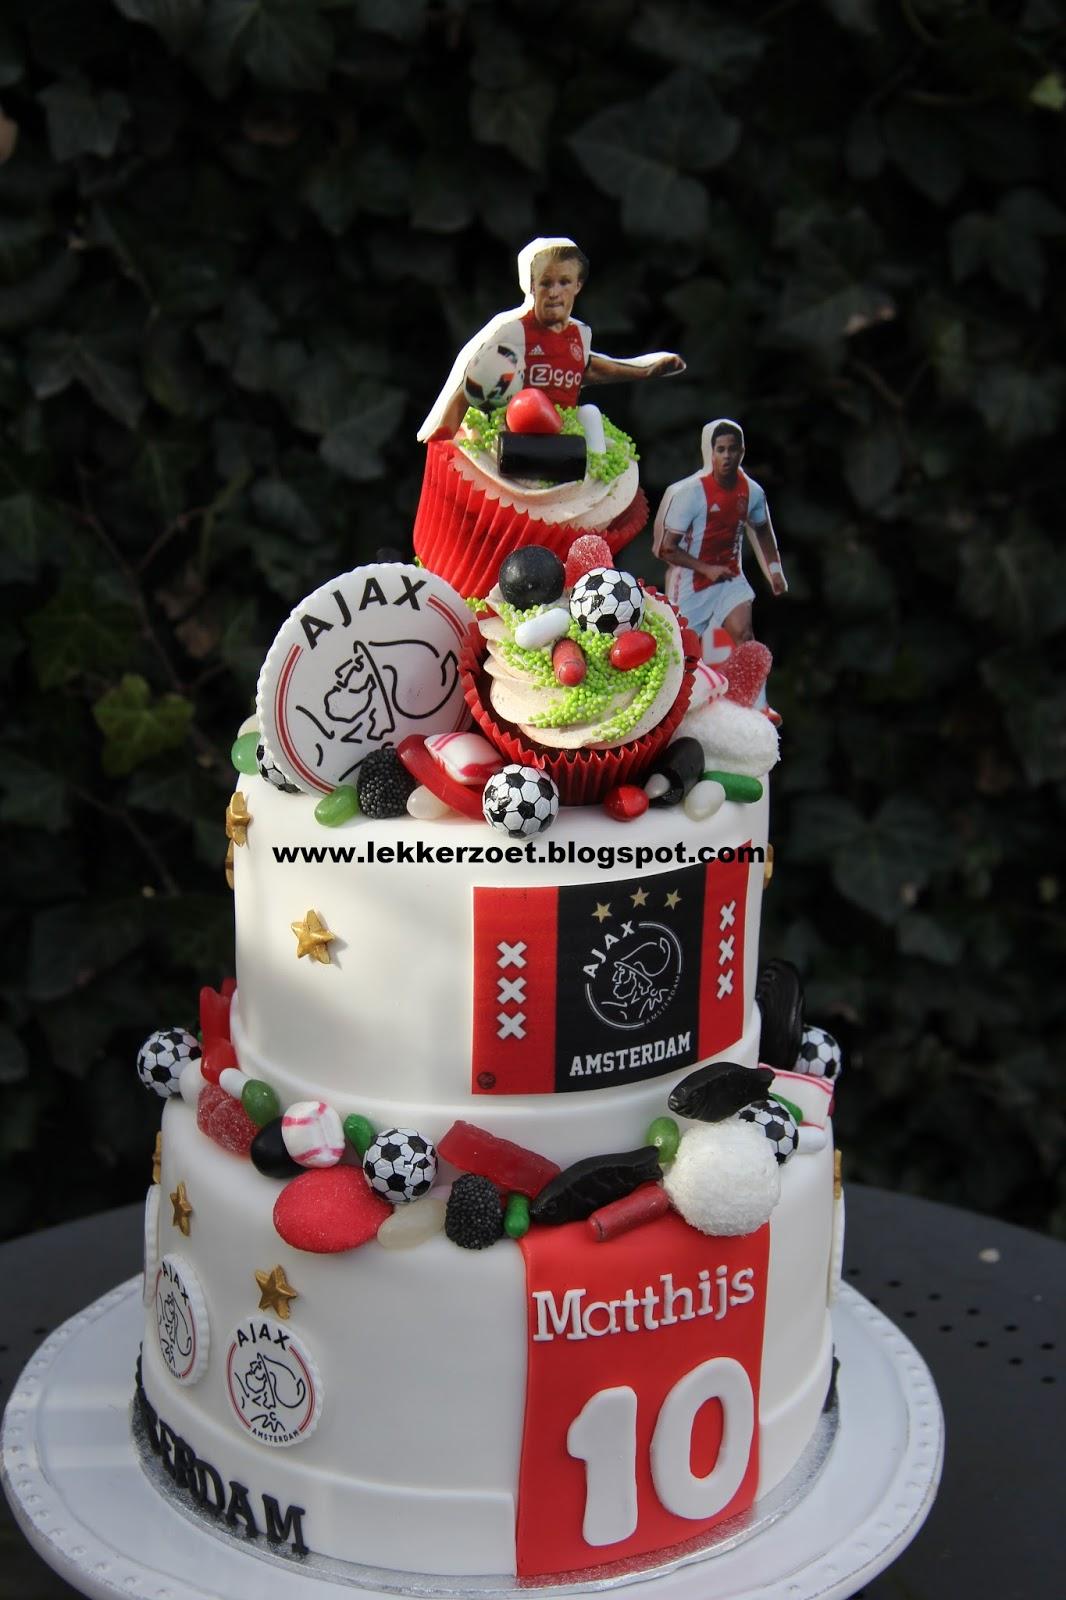 Zeer lekker zoet: cupcakes en taart van Ajax voor Matthijs 10 jaar &LN08